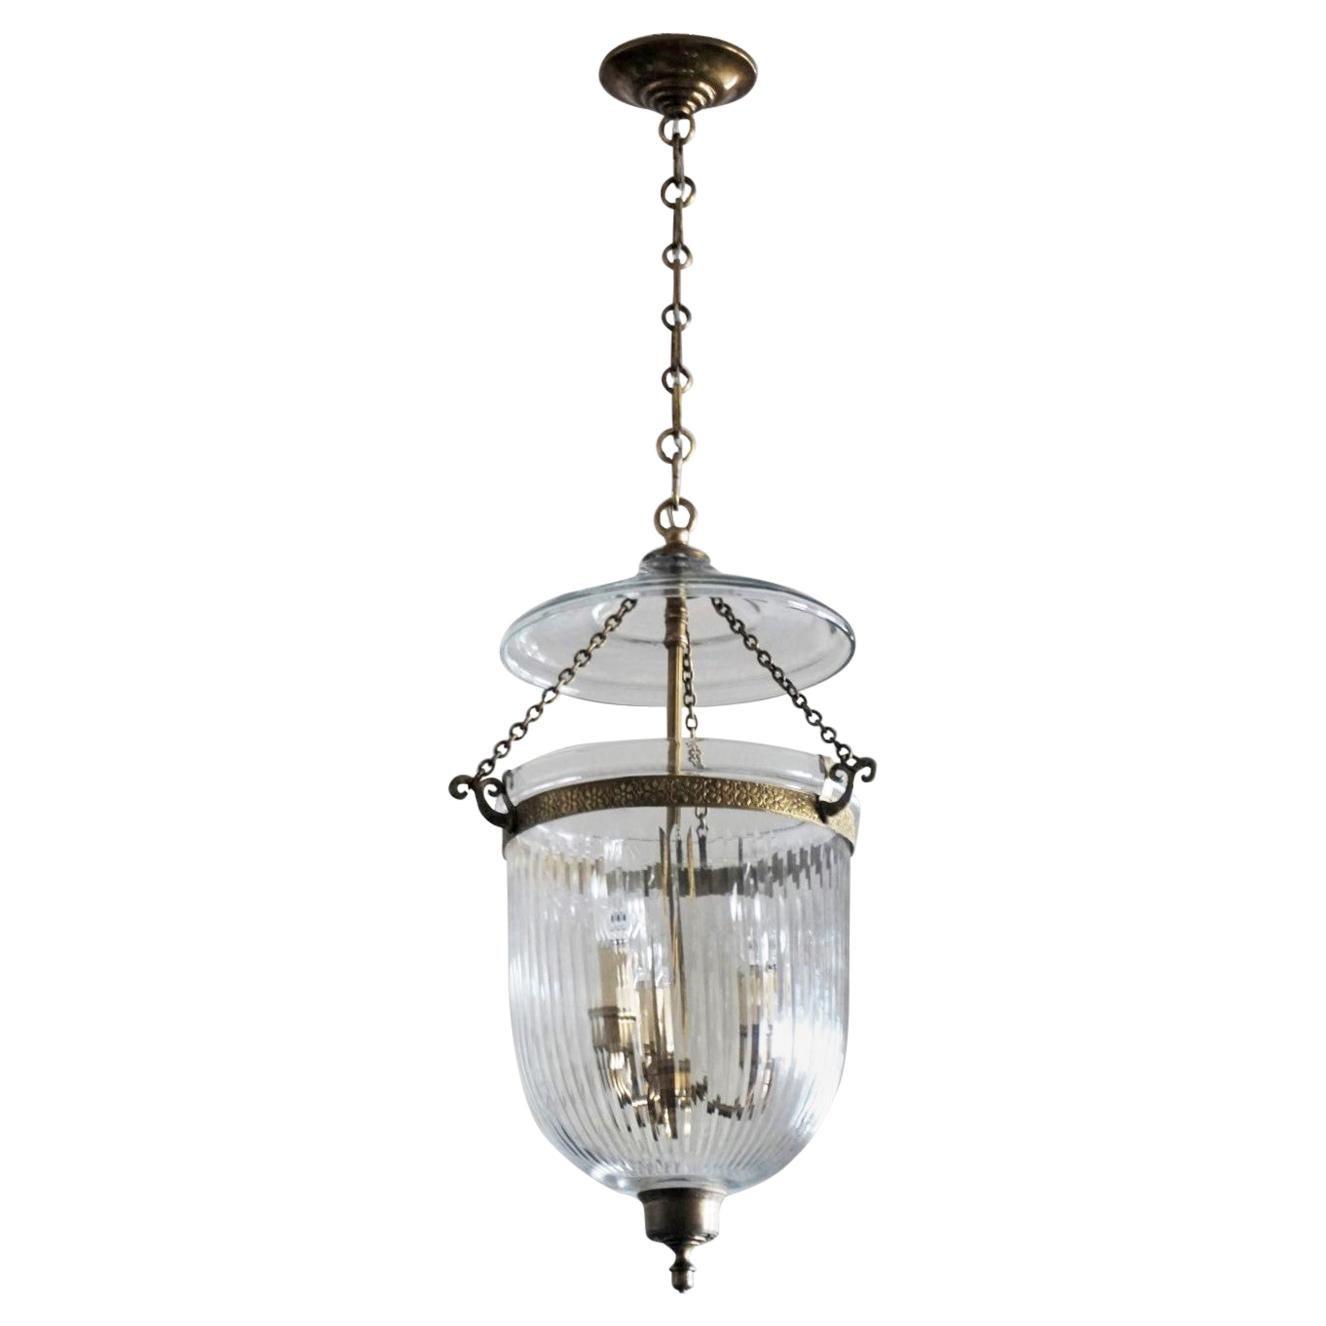 Cut Glass Criytal Bell Jar Lantern, England, circa 1930-1939